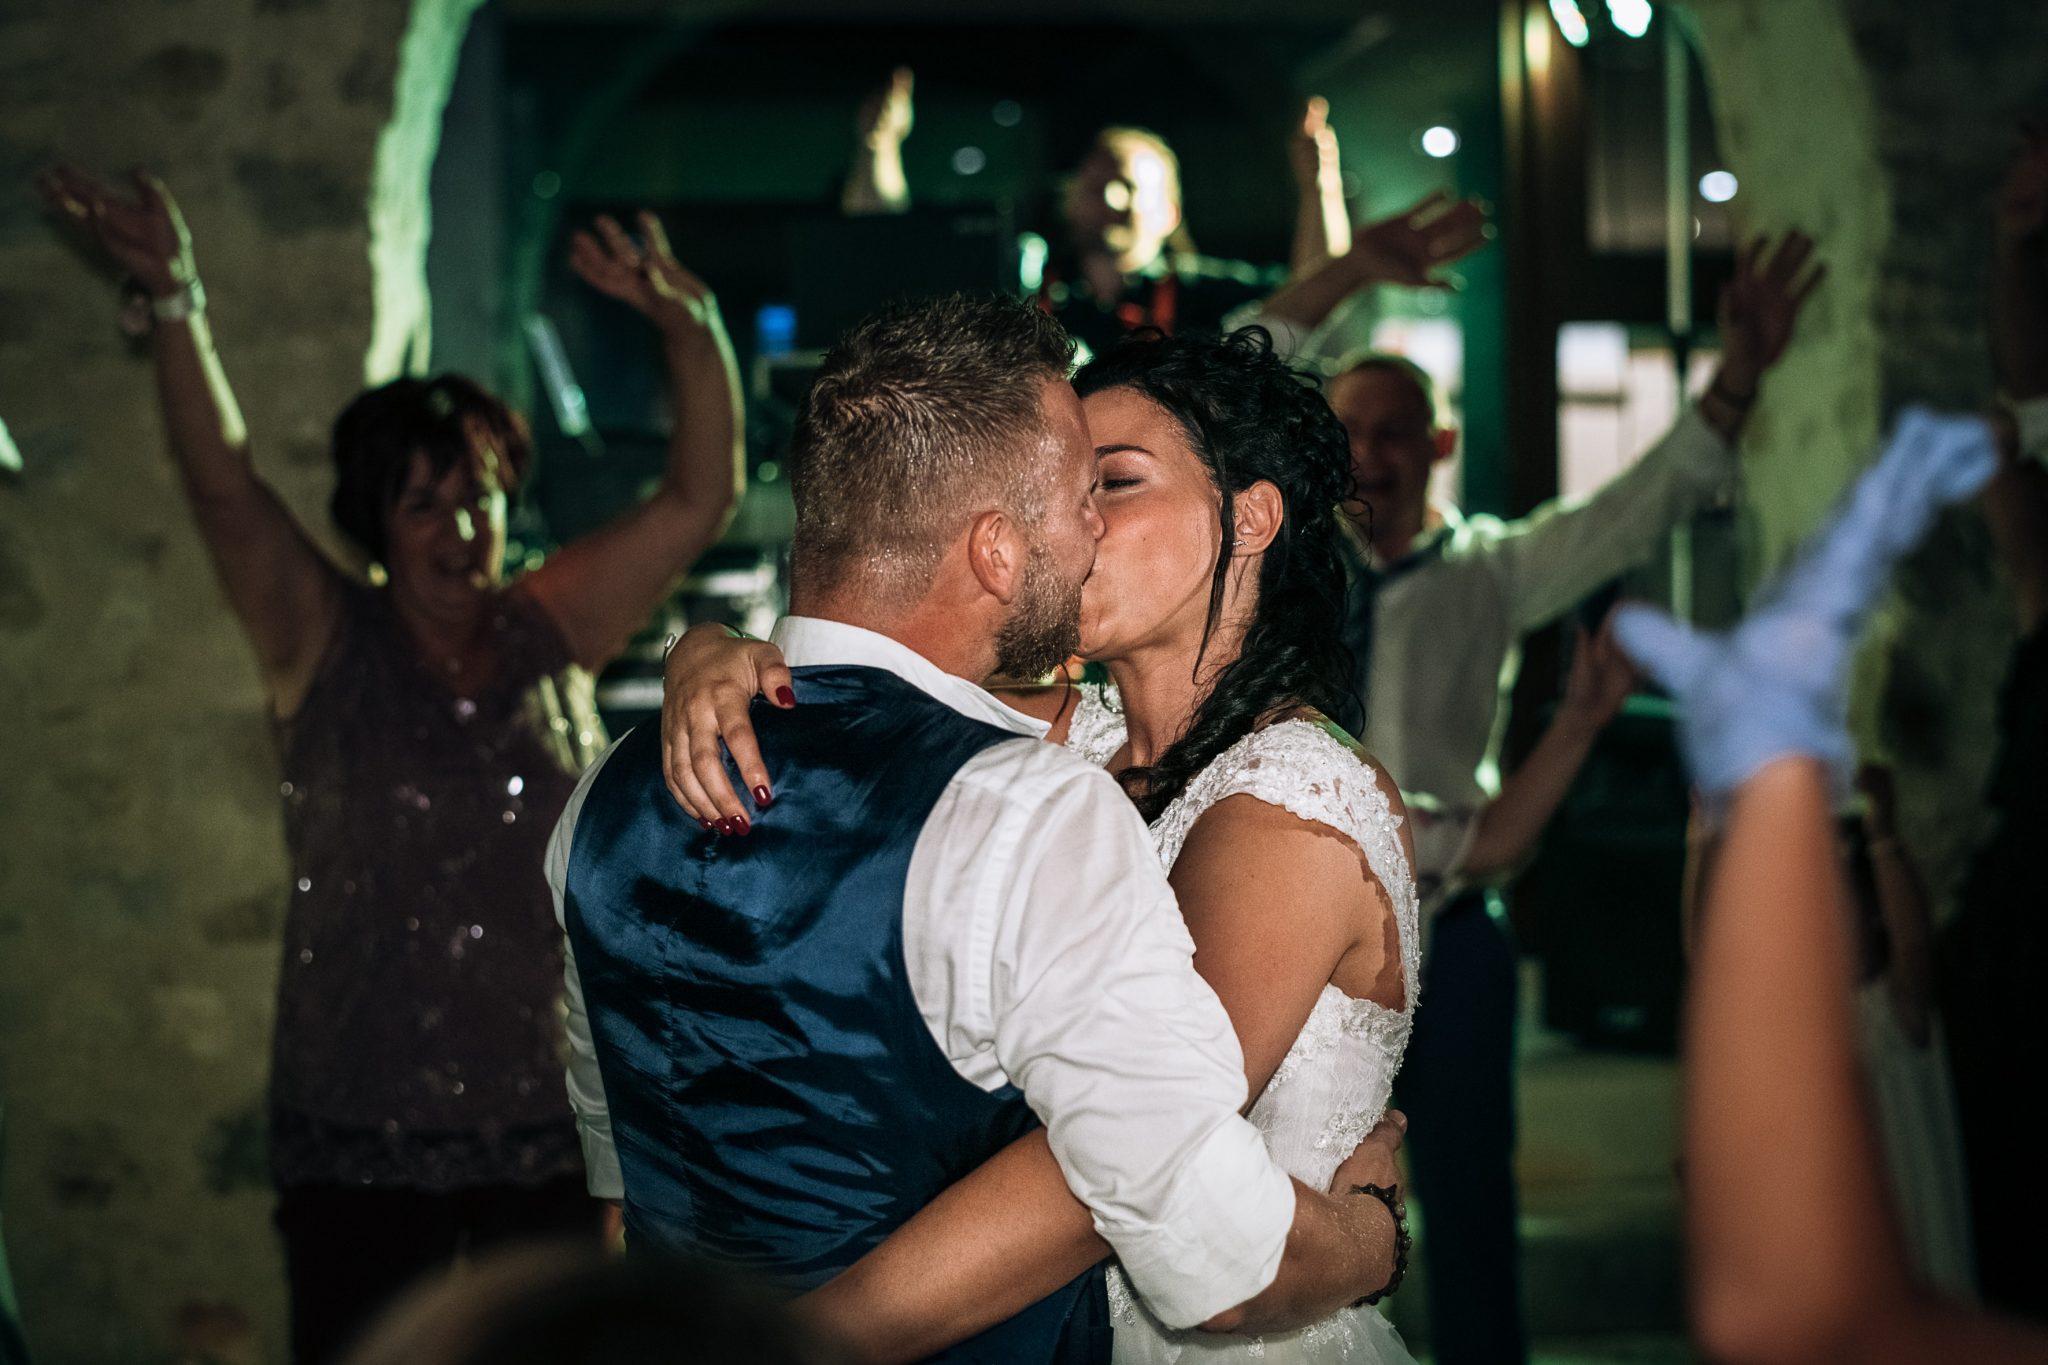 gli sposi mentre si baciano in mezzo agli invitati al palo del ricevimento